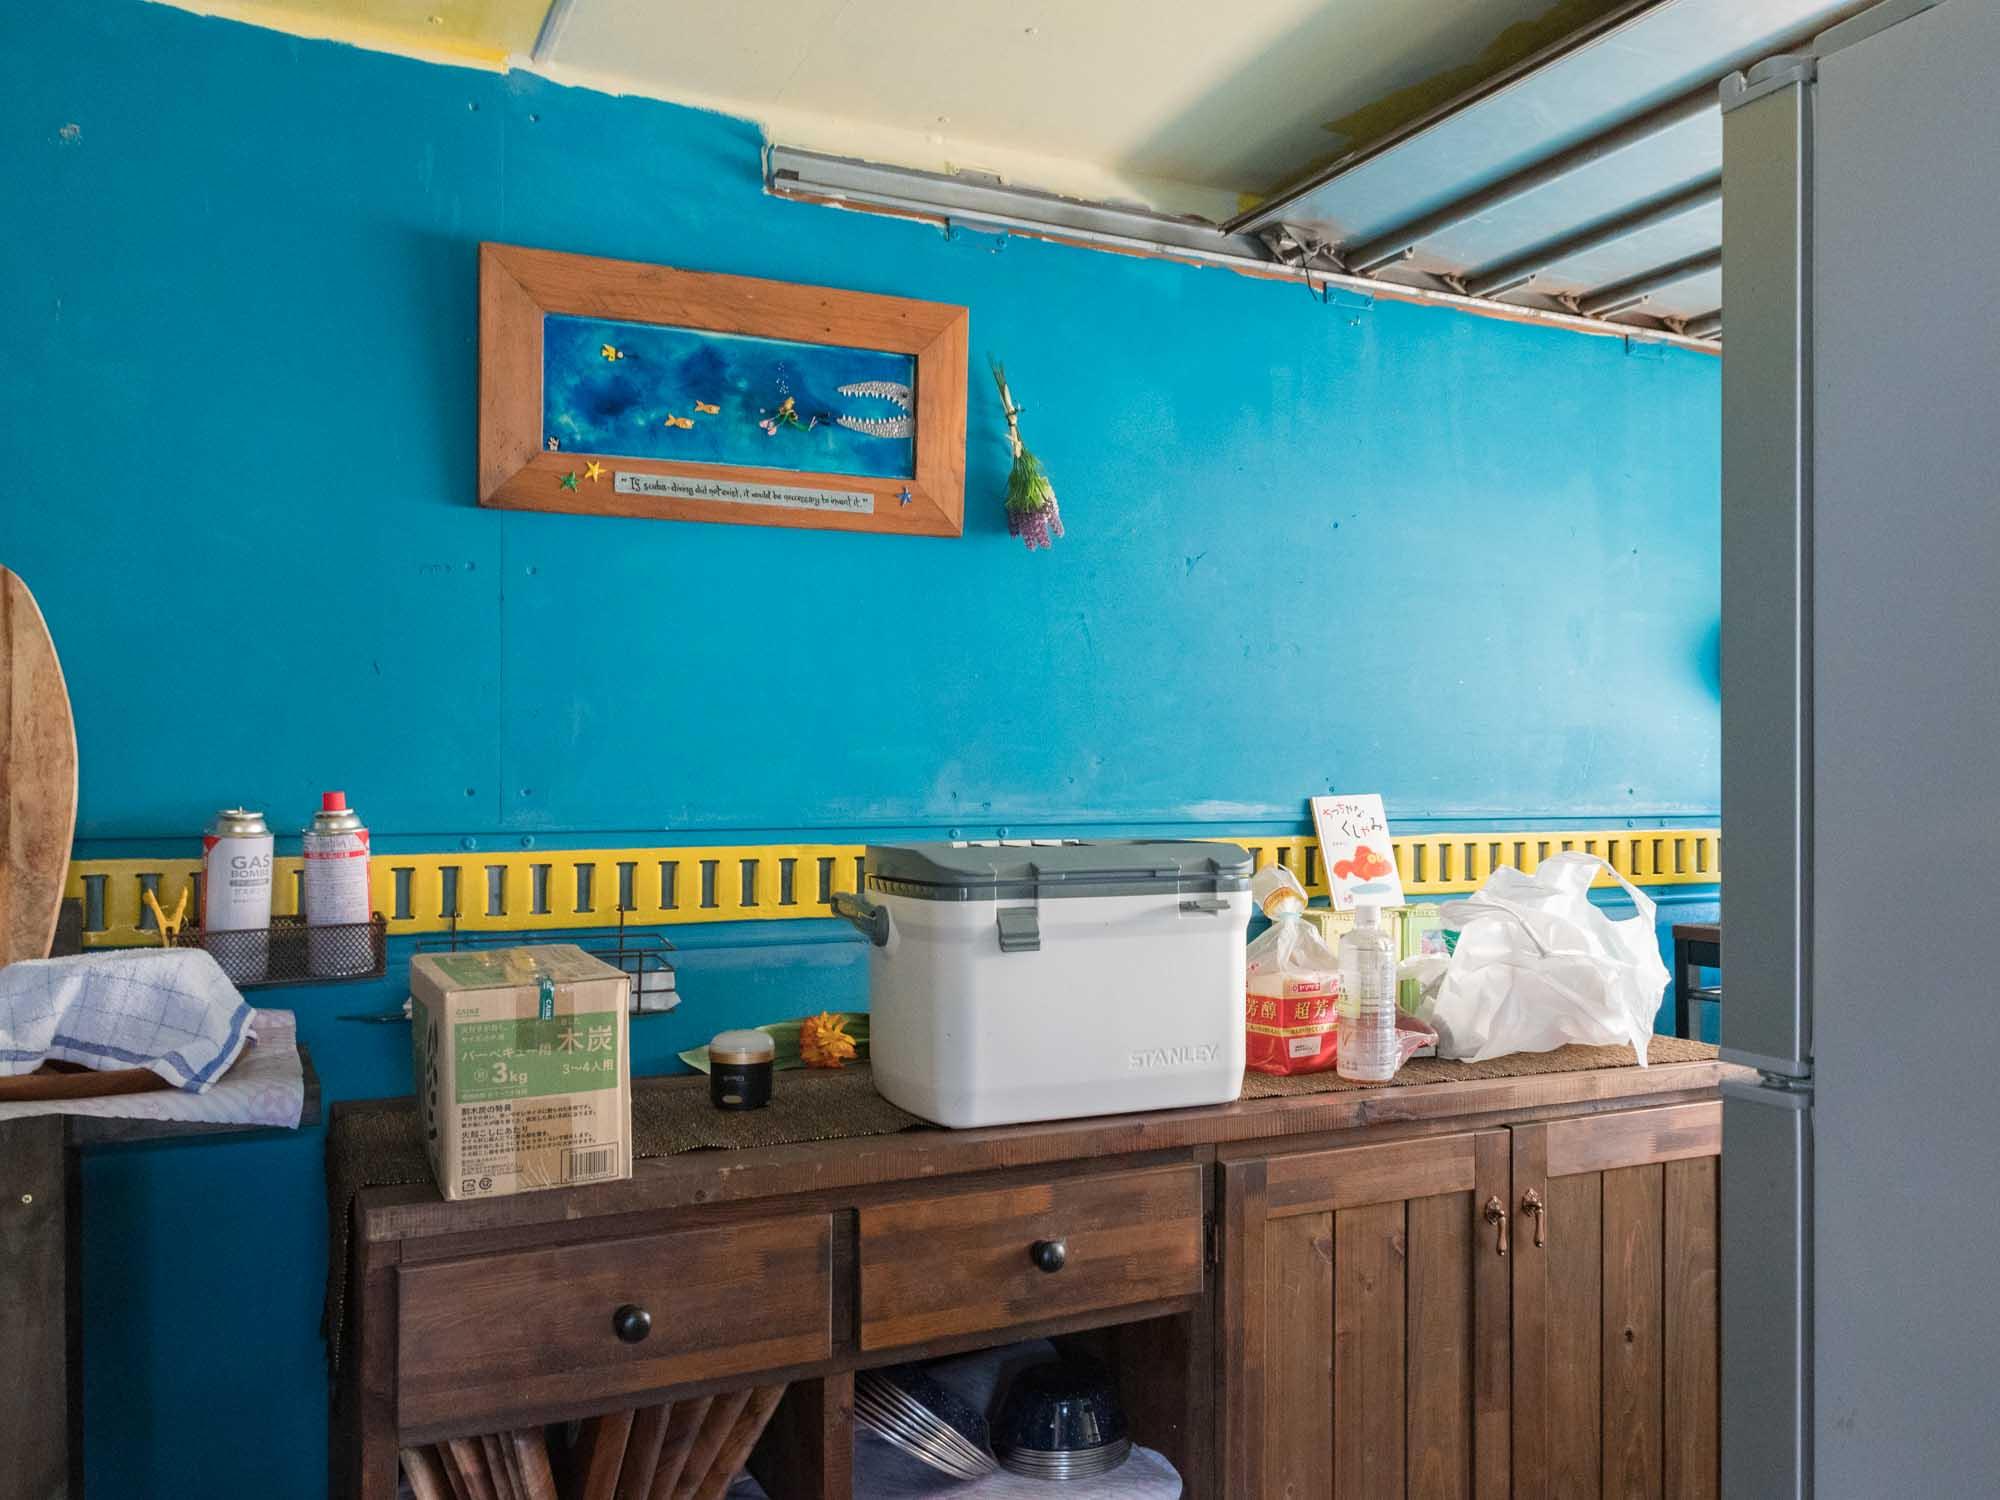 コンロや冷蔵庫のある調理スペース